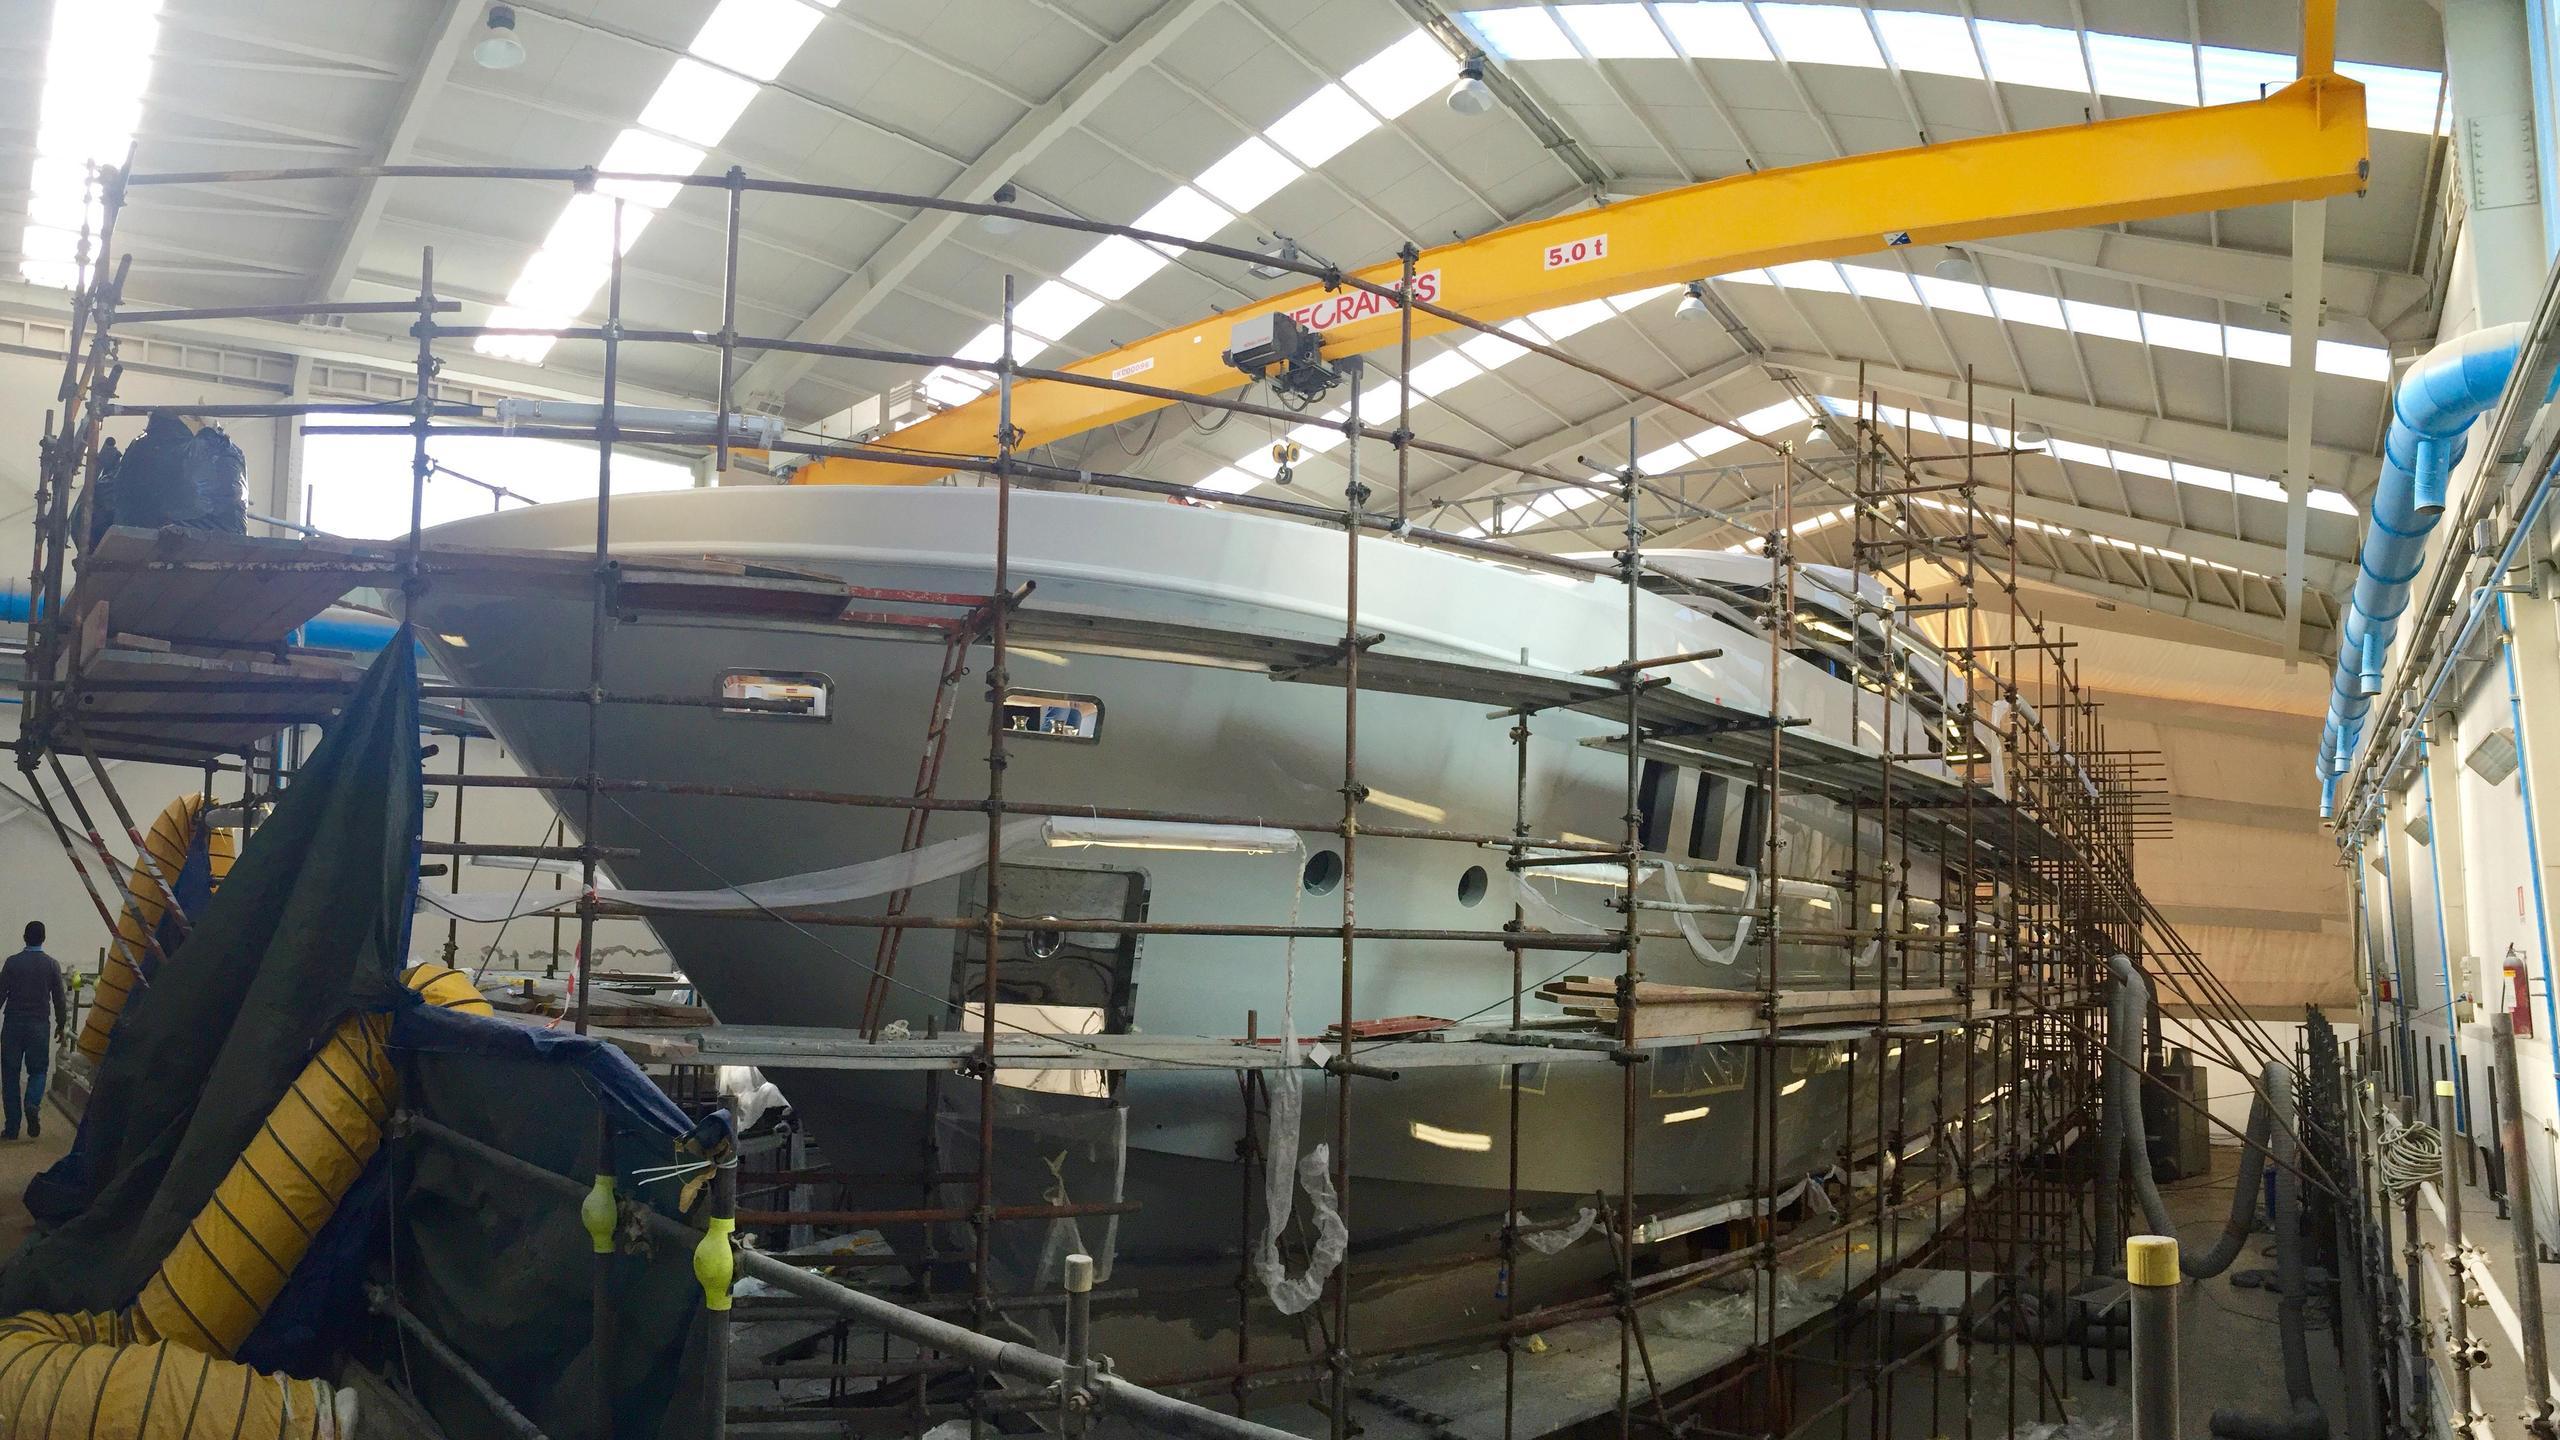 gipsy-motor-yacht-otam-2016-35m-hull-shipping-yard